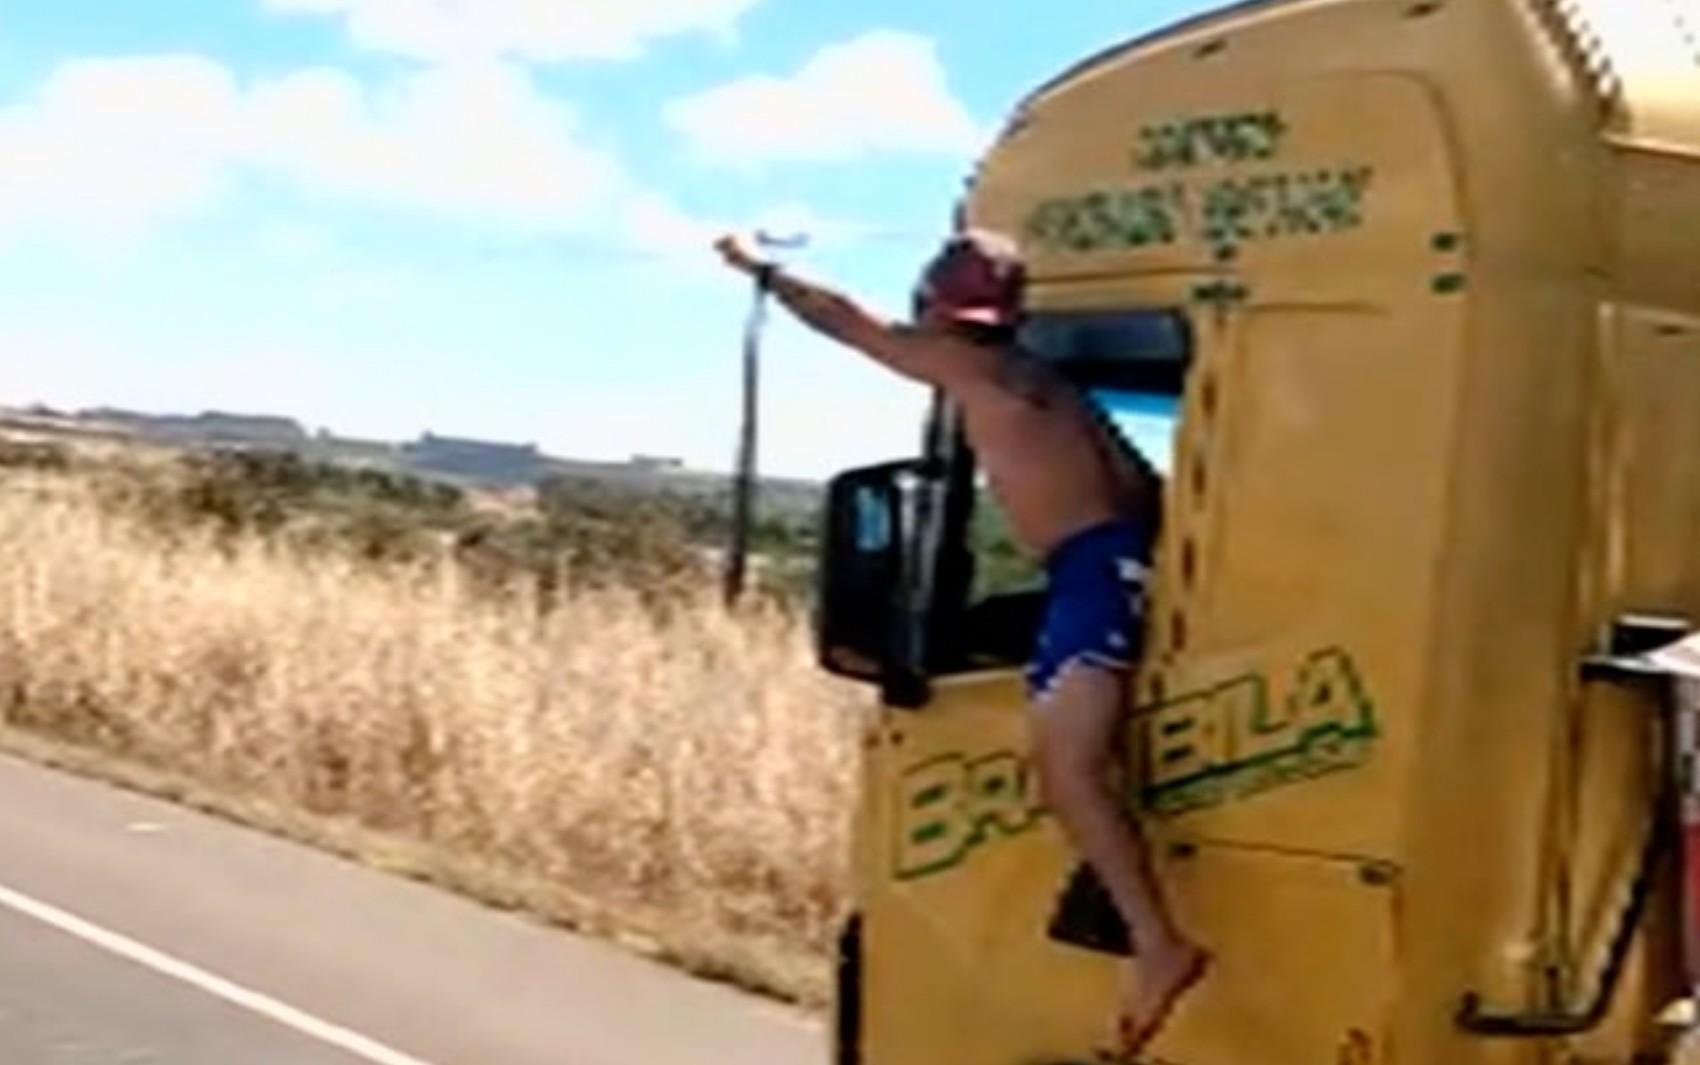 Motorista é flagrado dirigindo caminhão com metade do corpo para fora da cabine, na BR-060; vídeo